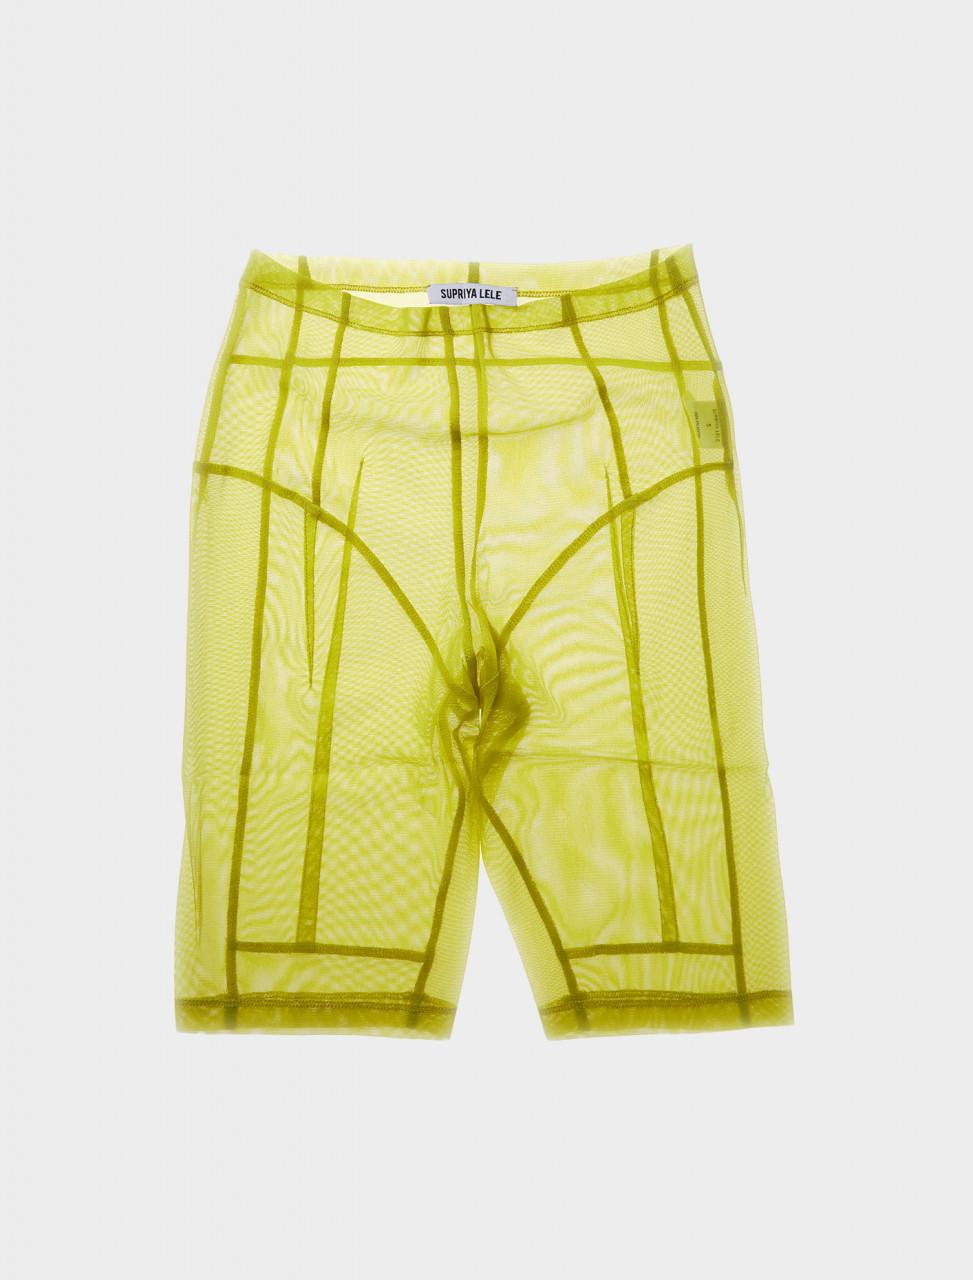 Supriya Lele Jodhpur Shorts Front